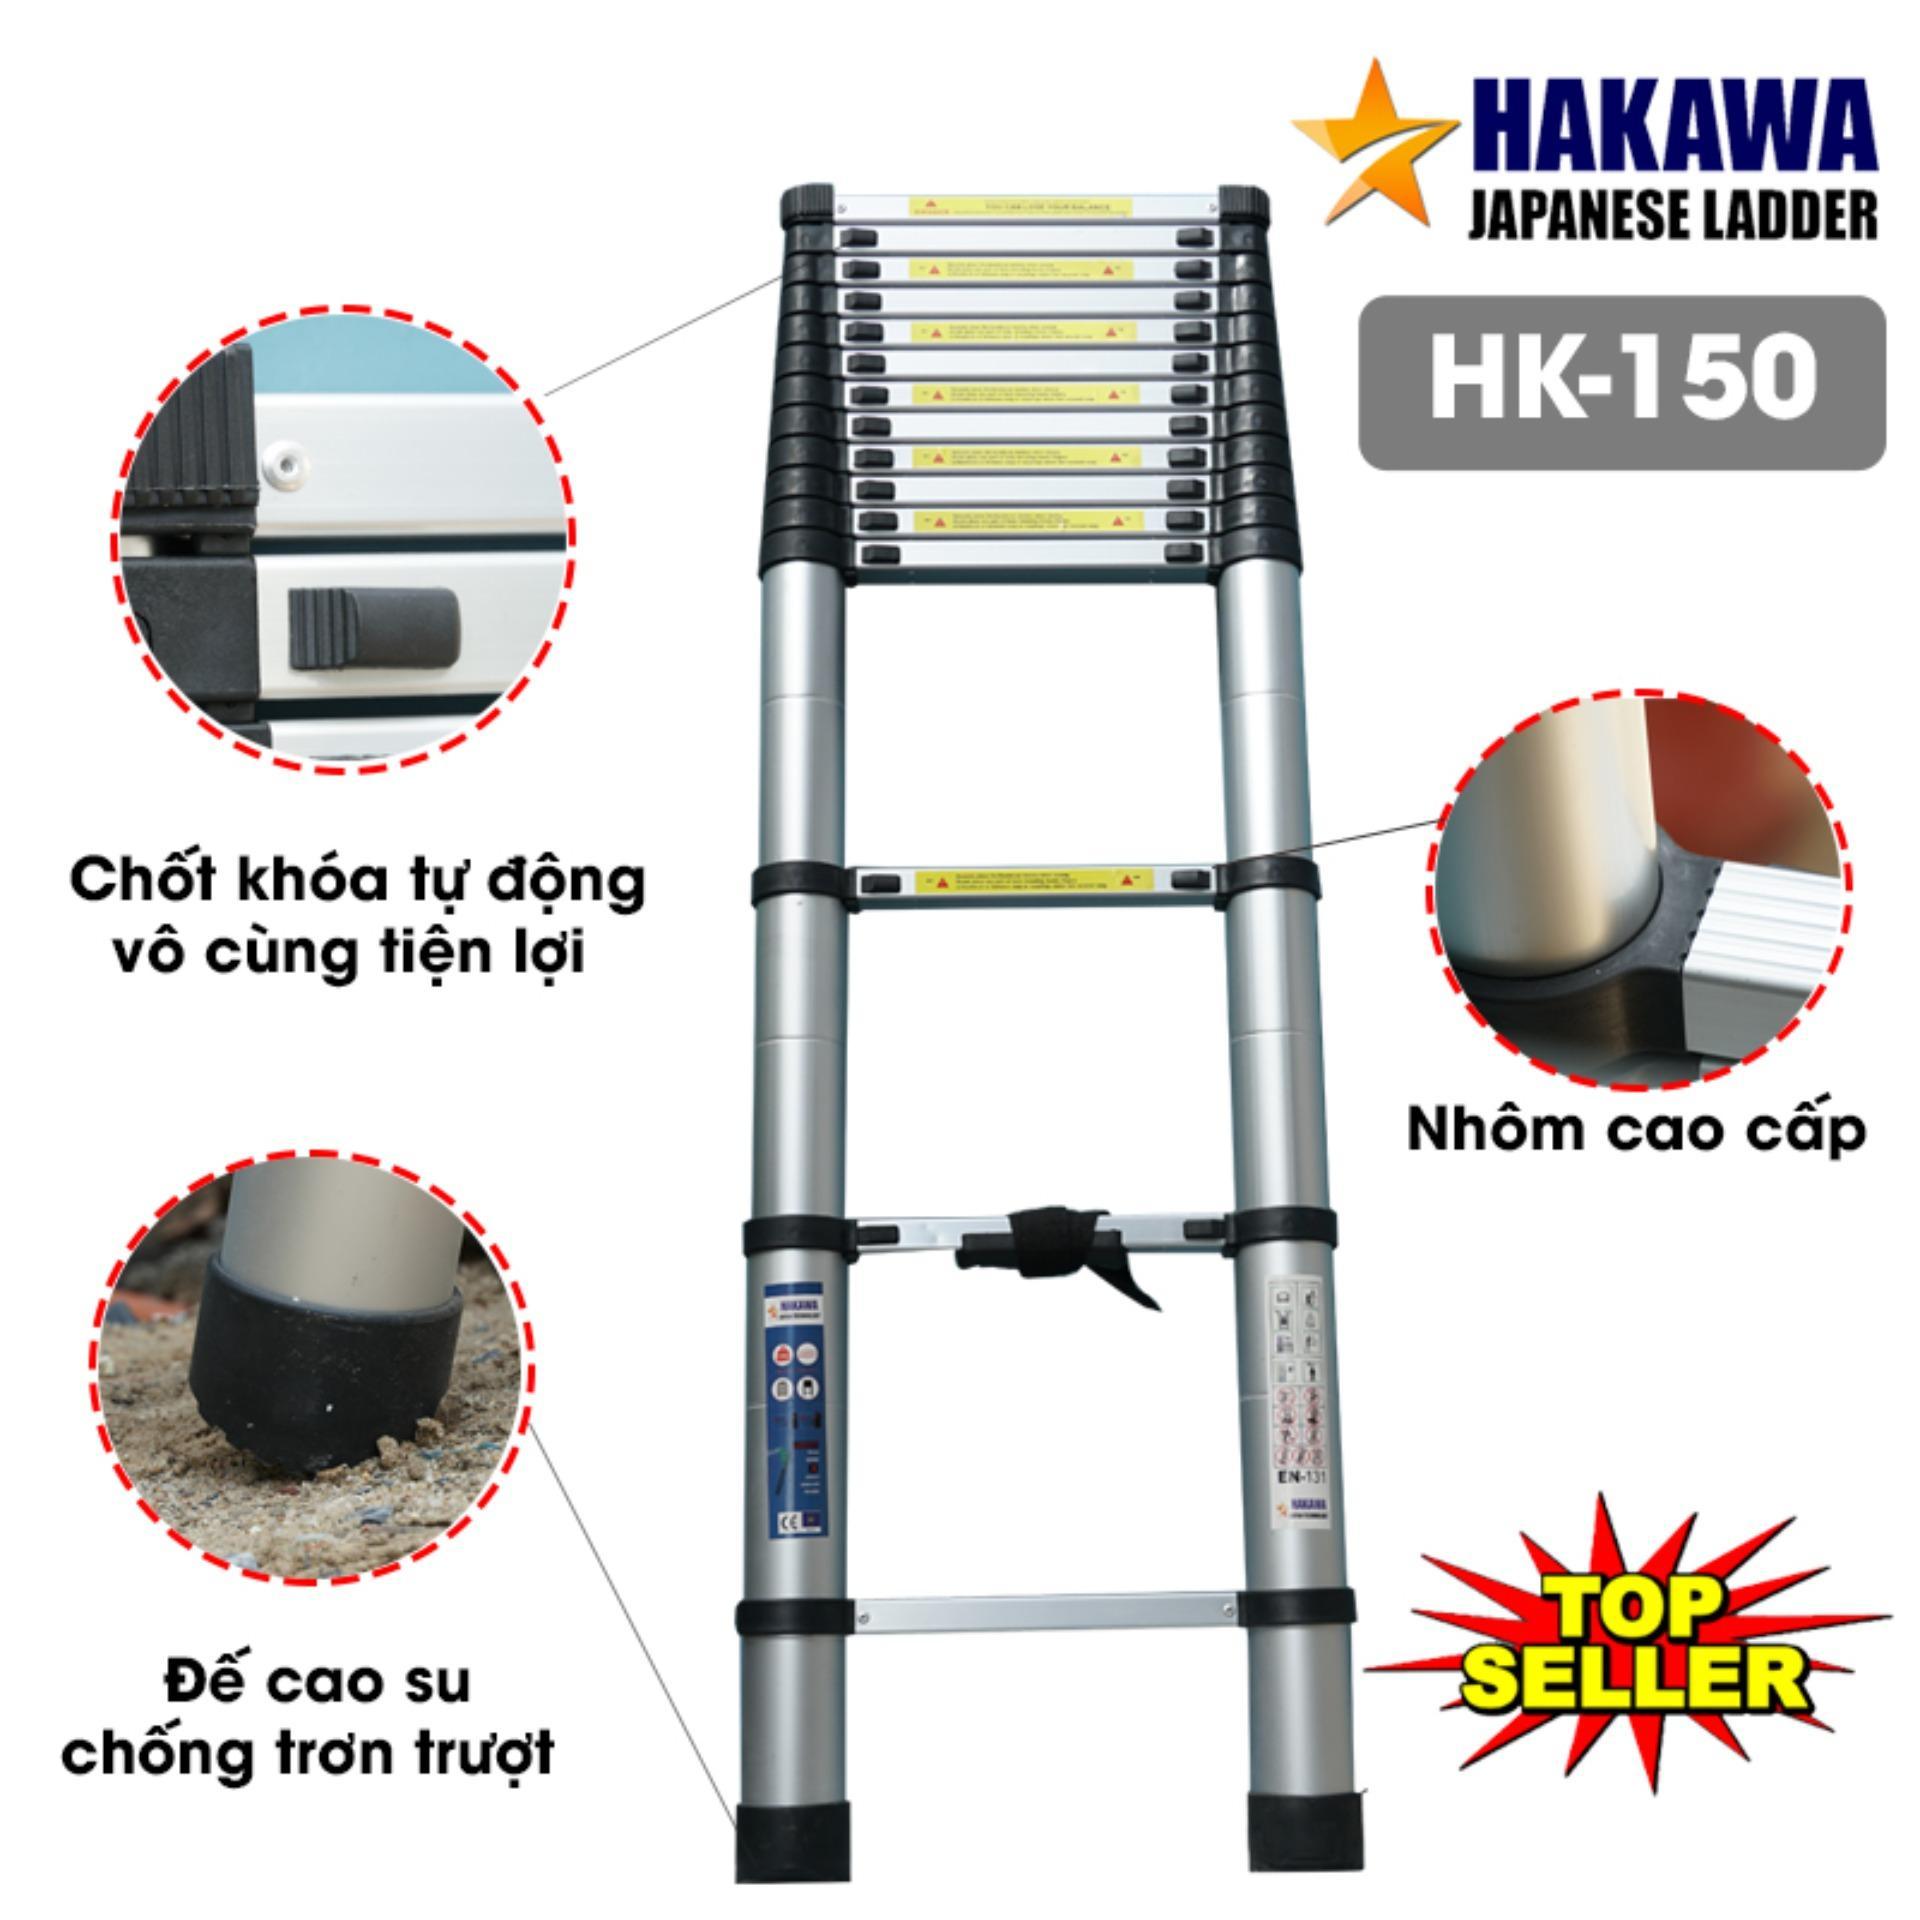 [THANG NHÔM NHẬT BẢN] Thang nhôm rút cao cấp HAKAWA HK150 - Hàng NHẬT BẢN cho người VIỆT